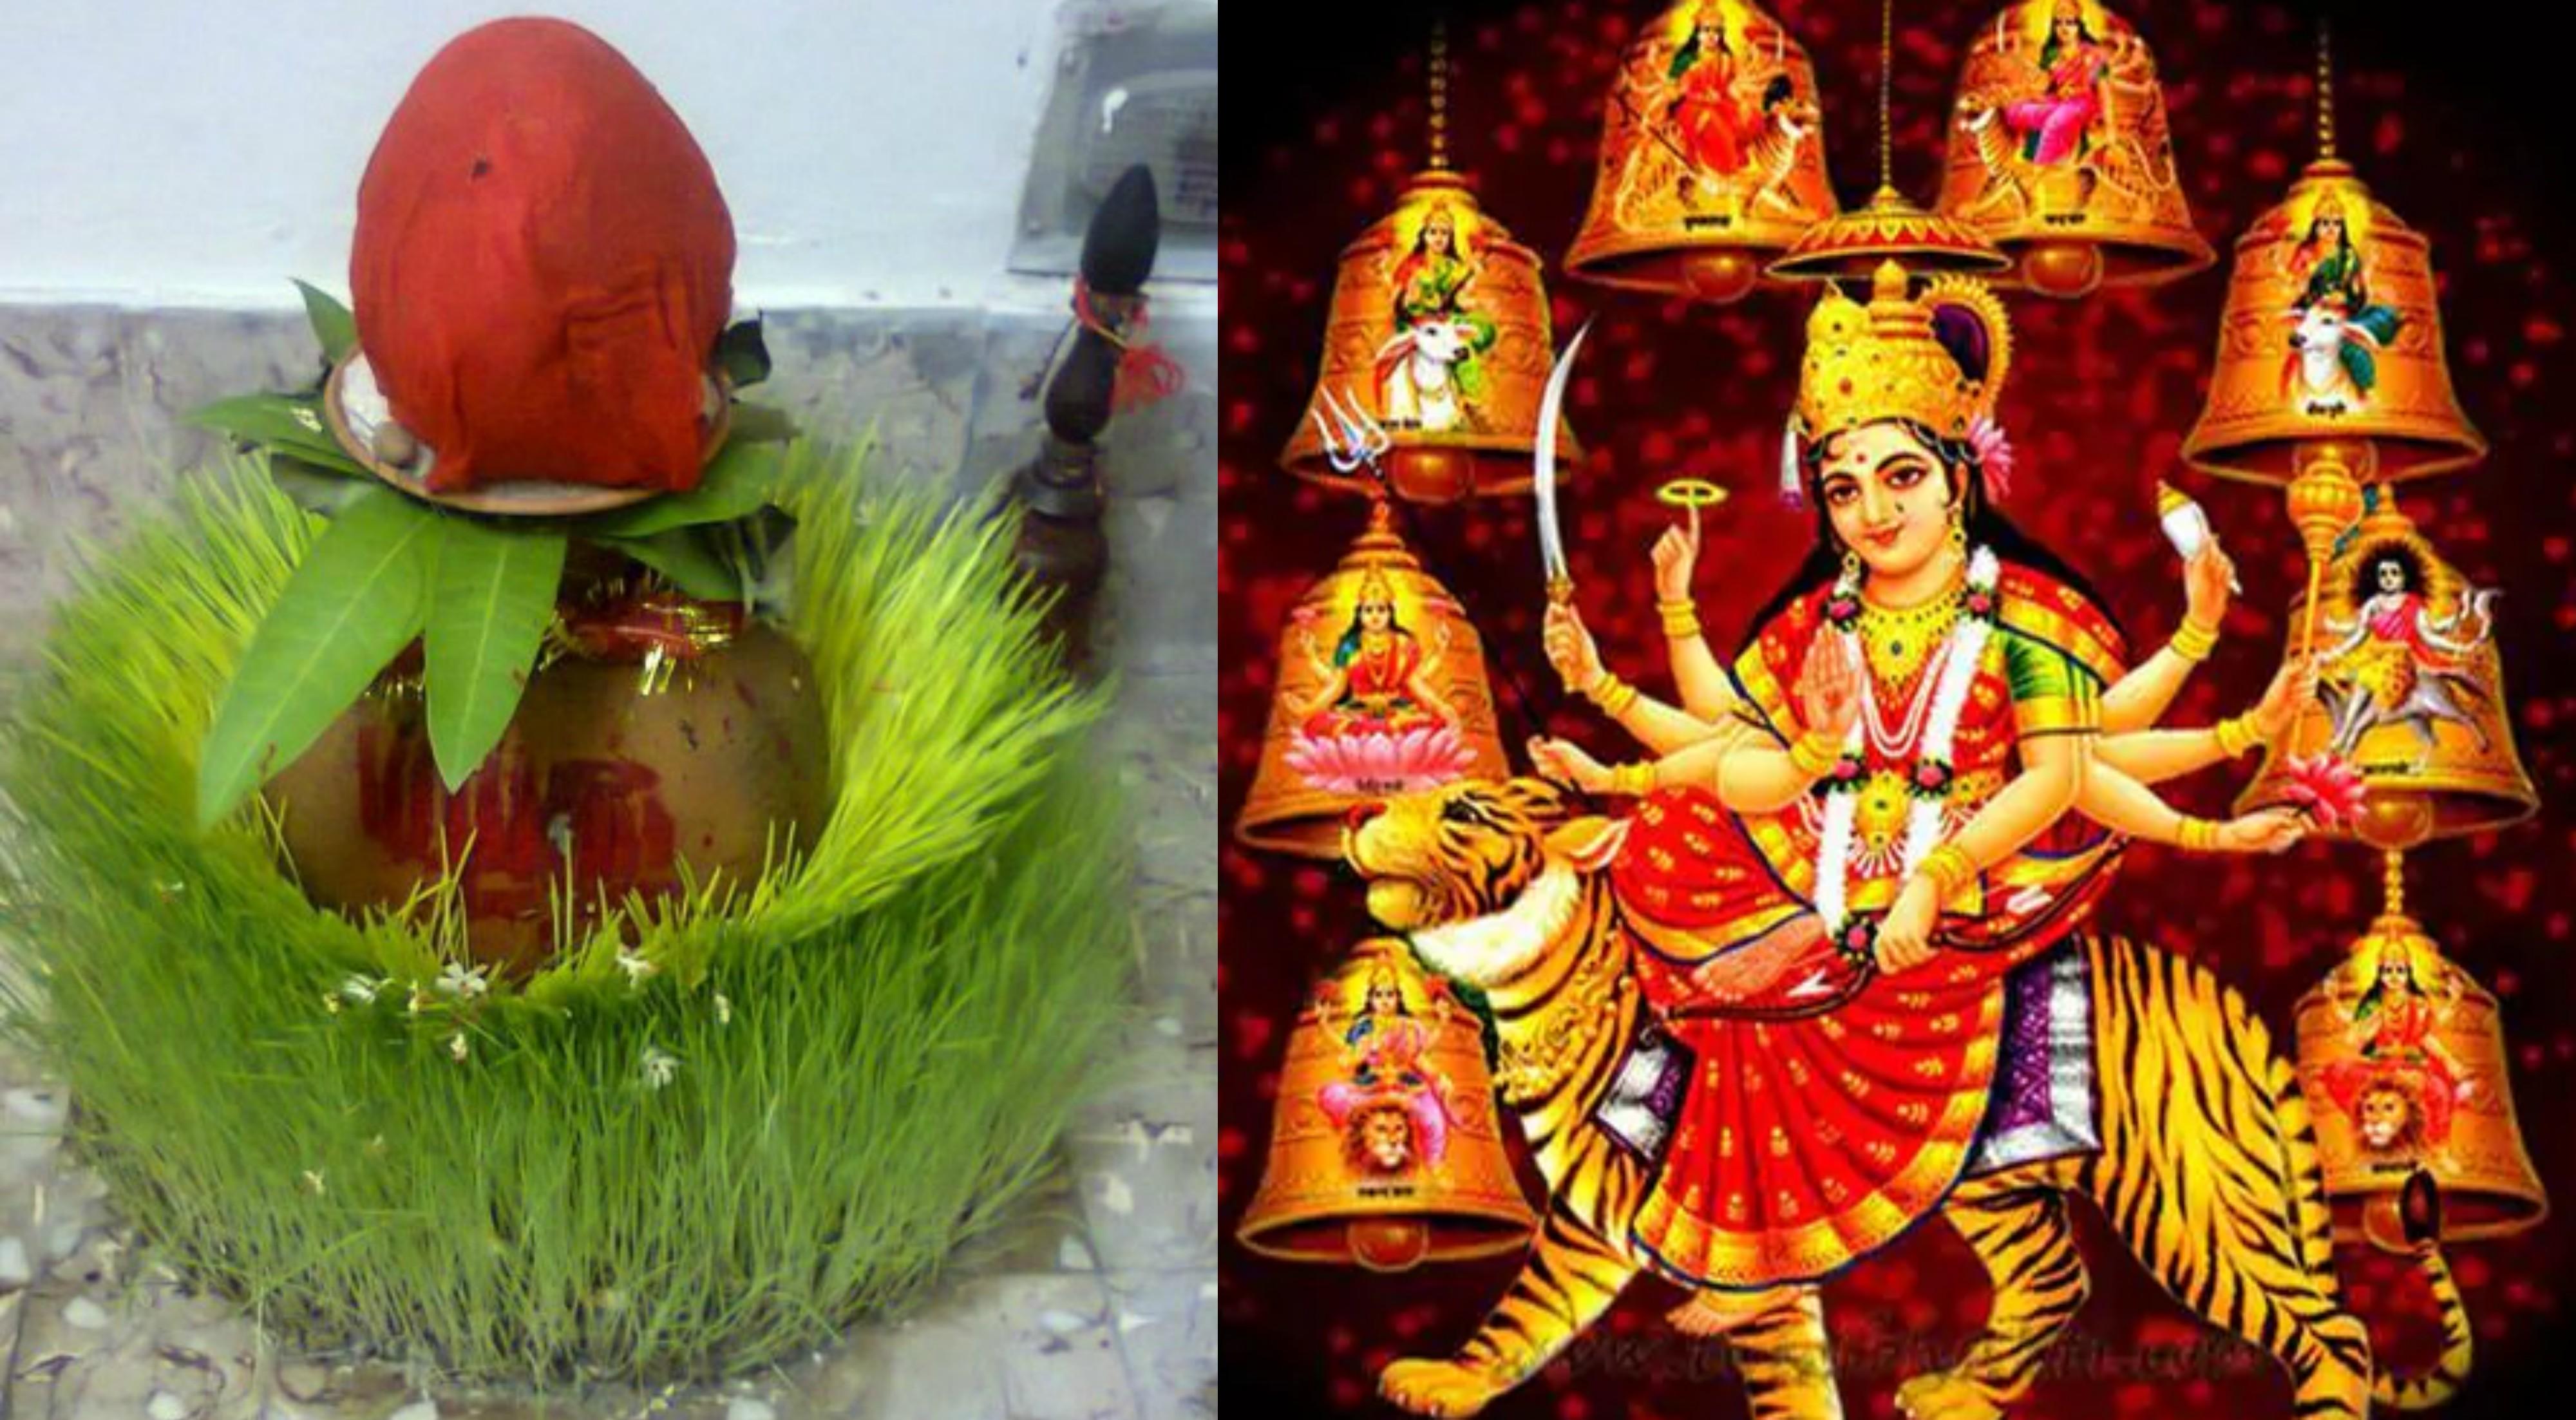 नवरात्रि पर भक्तिमय हुआ माहौल, जानें कलश और जौ का क्या है महत्व